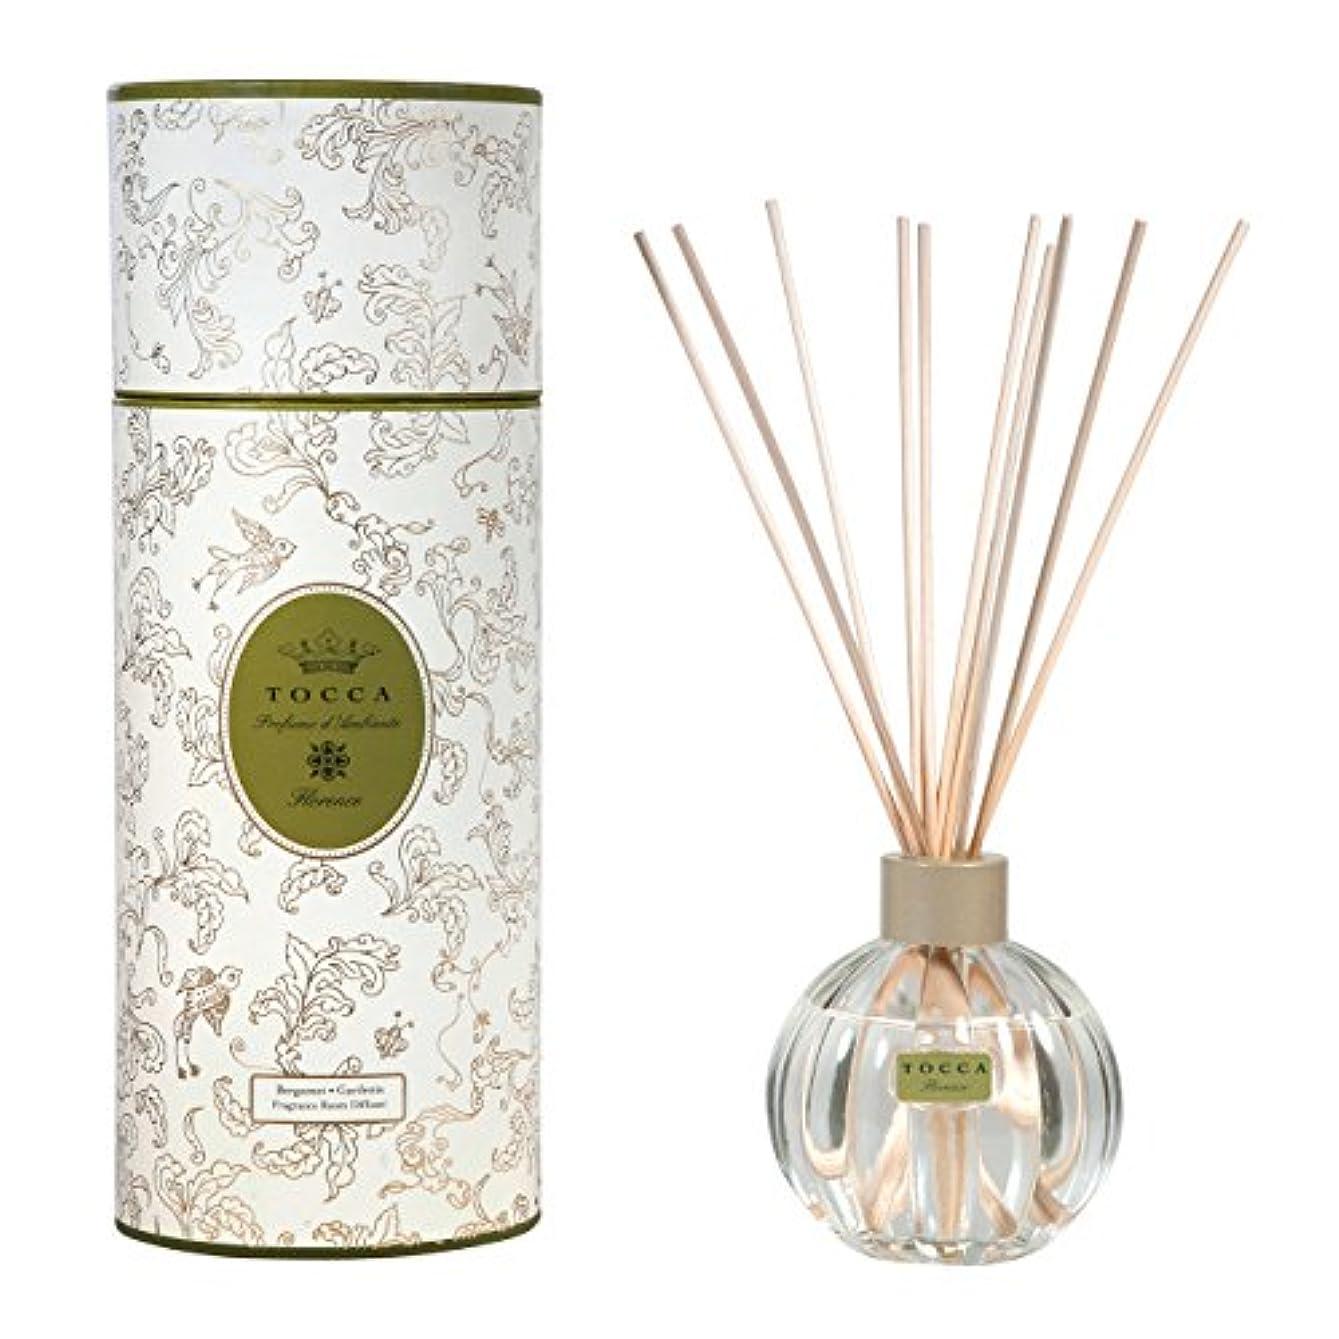 パイ住居温度計トッカ(TOCCA) リードディフューザー フローレンスの香り 175ml 3~4ヶ月持続(芳香剤 ルームフレグランス ガーデニアとベルガモットが誘うように溶け合うどこまでも上品なフローラルの香り)